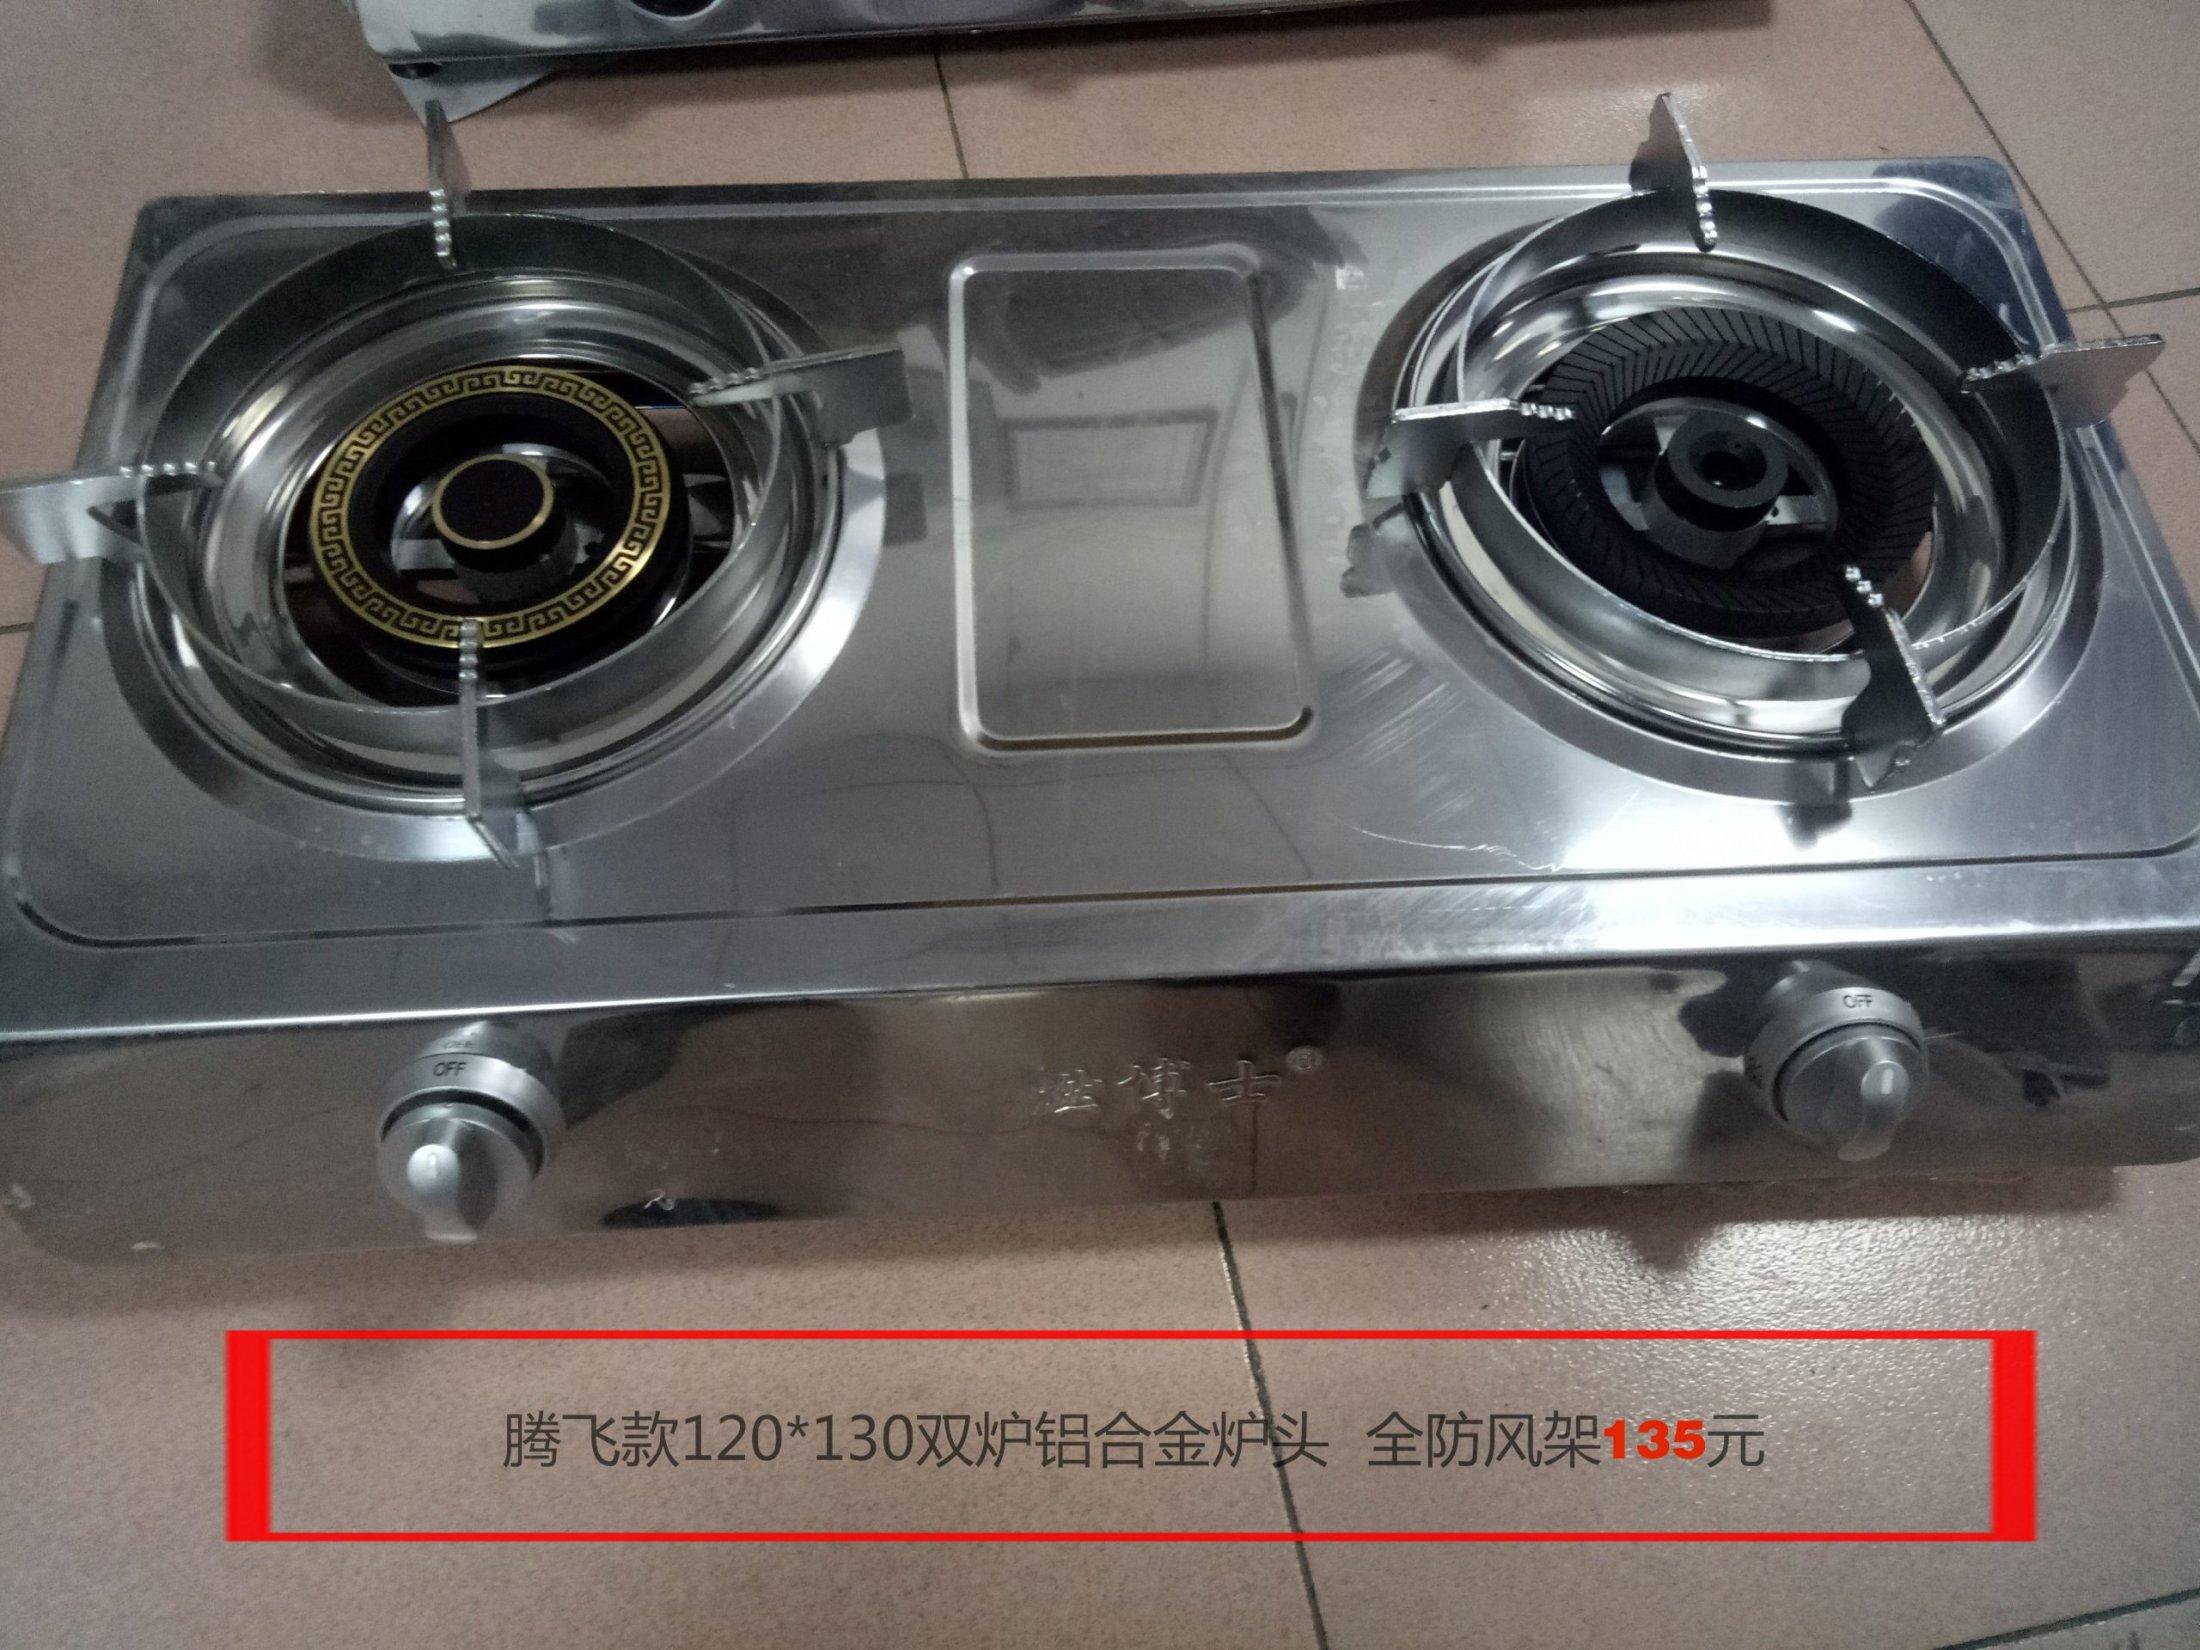 01 (6)加厚不锈钢炉具,燃气双炉